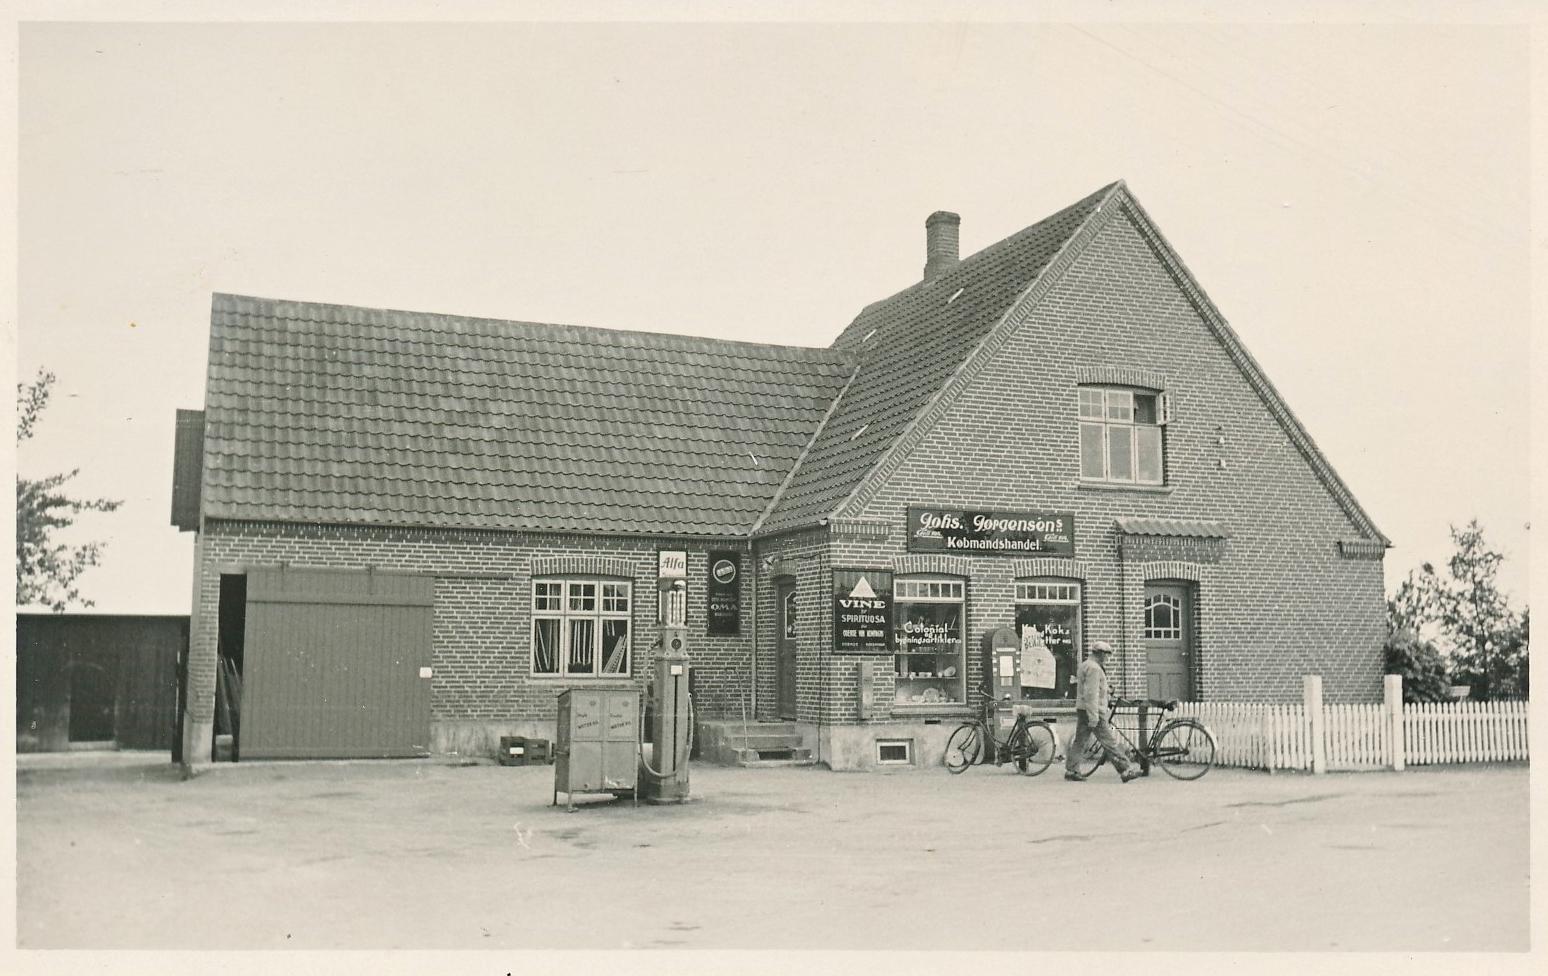 Johannes Jørgensens købmandsforretning, Vesterby, Fejø, postkort, cirka 1910